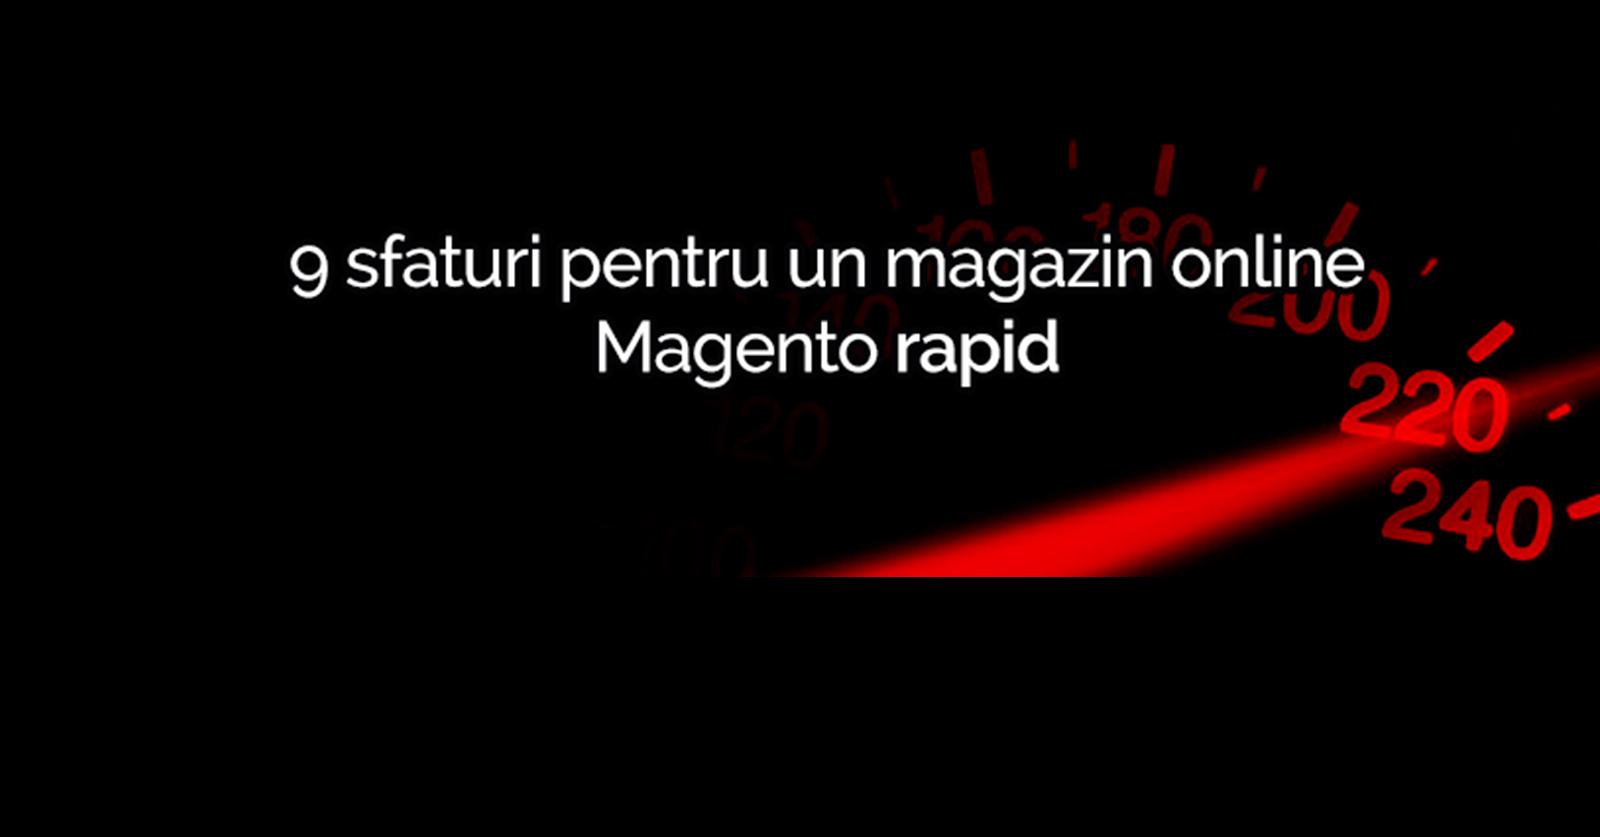 9 sfaturi pentru un magazin online Magento rapid